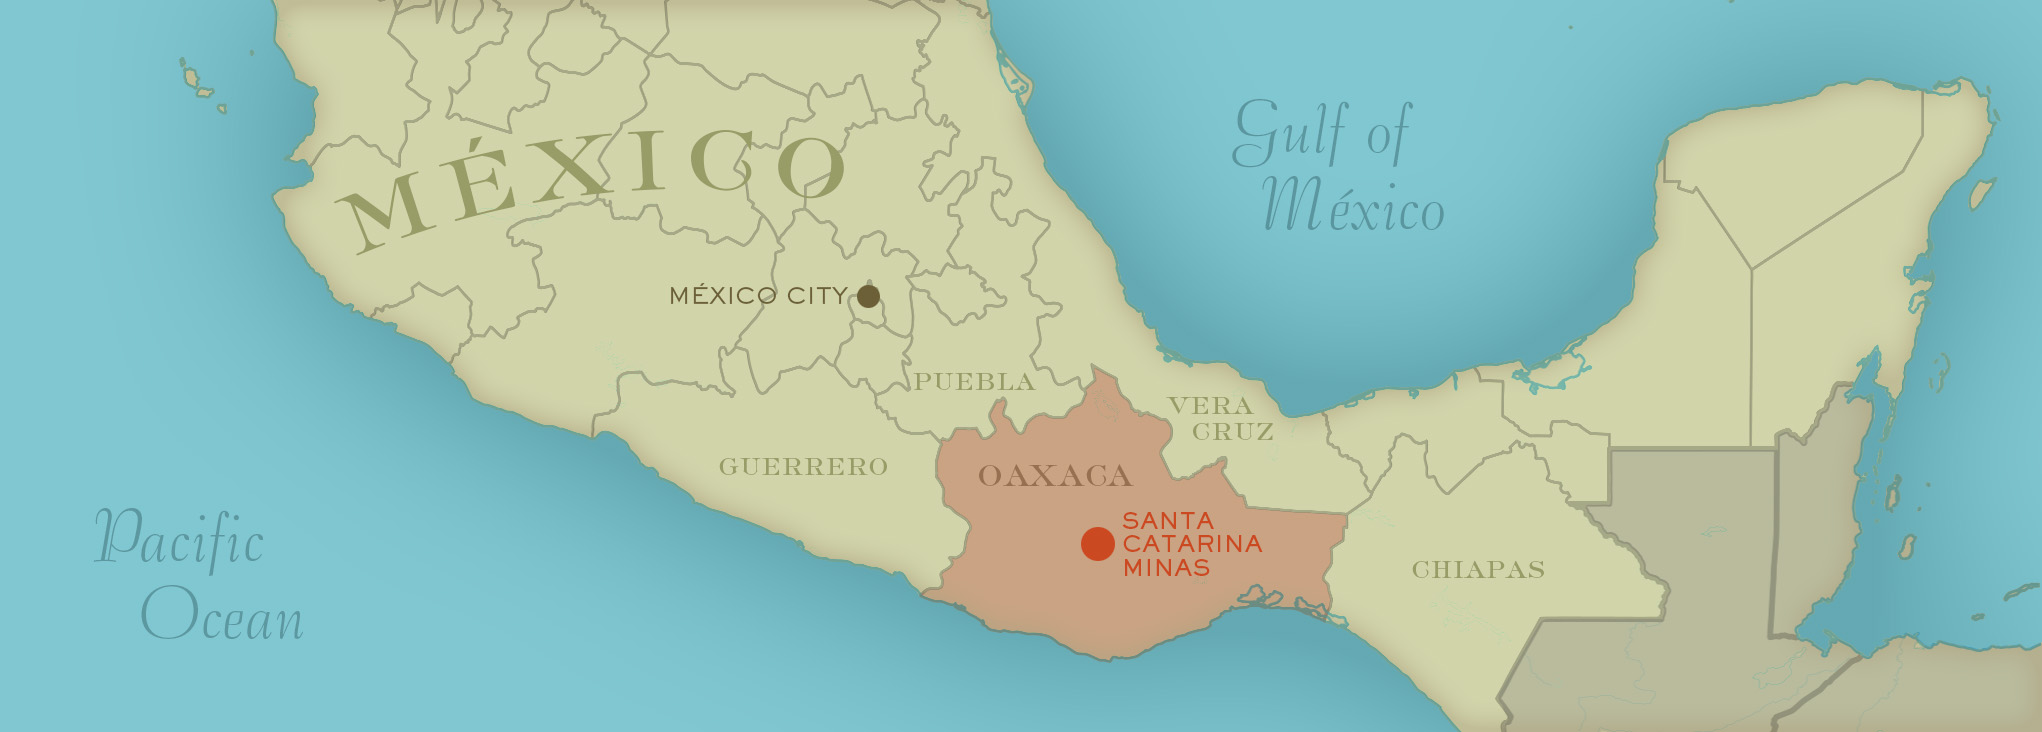 oaxaca_map